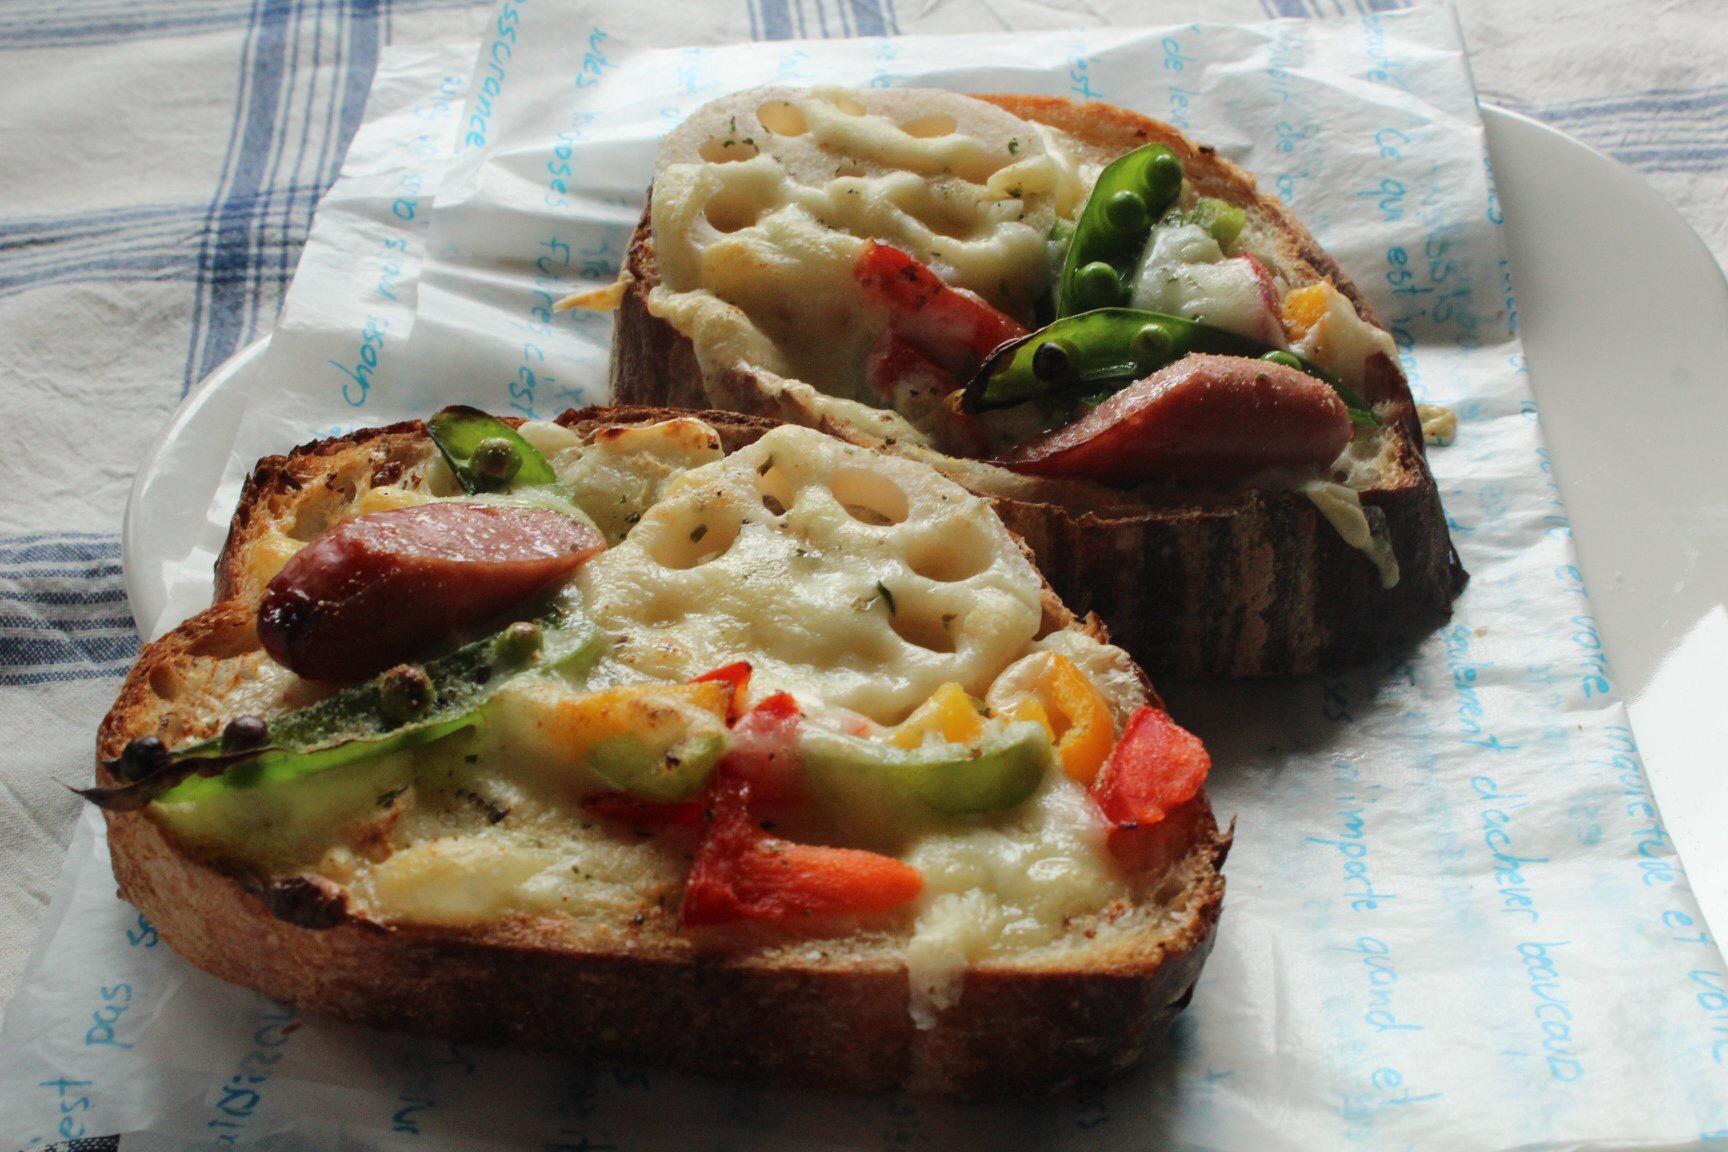 茨木えきまえマルシェパンとおやつフランスパンのフォカッチャ